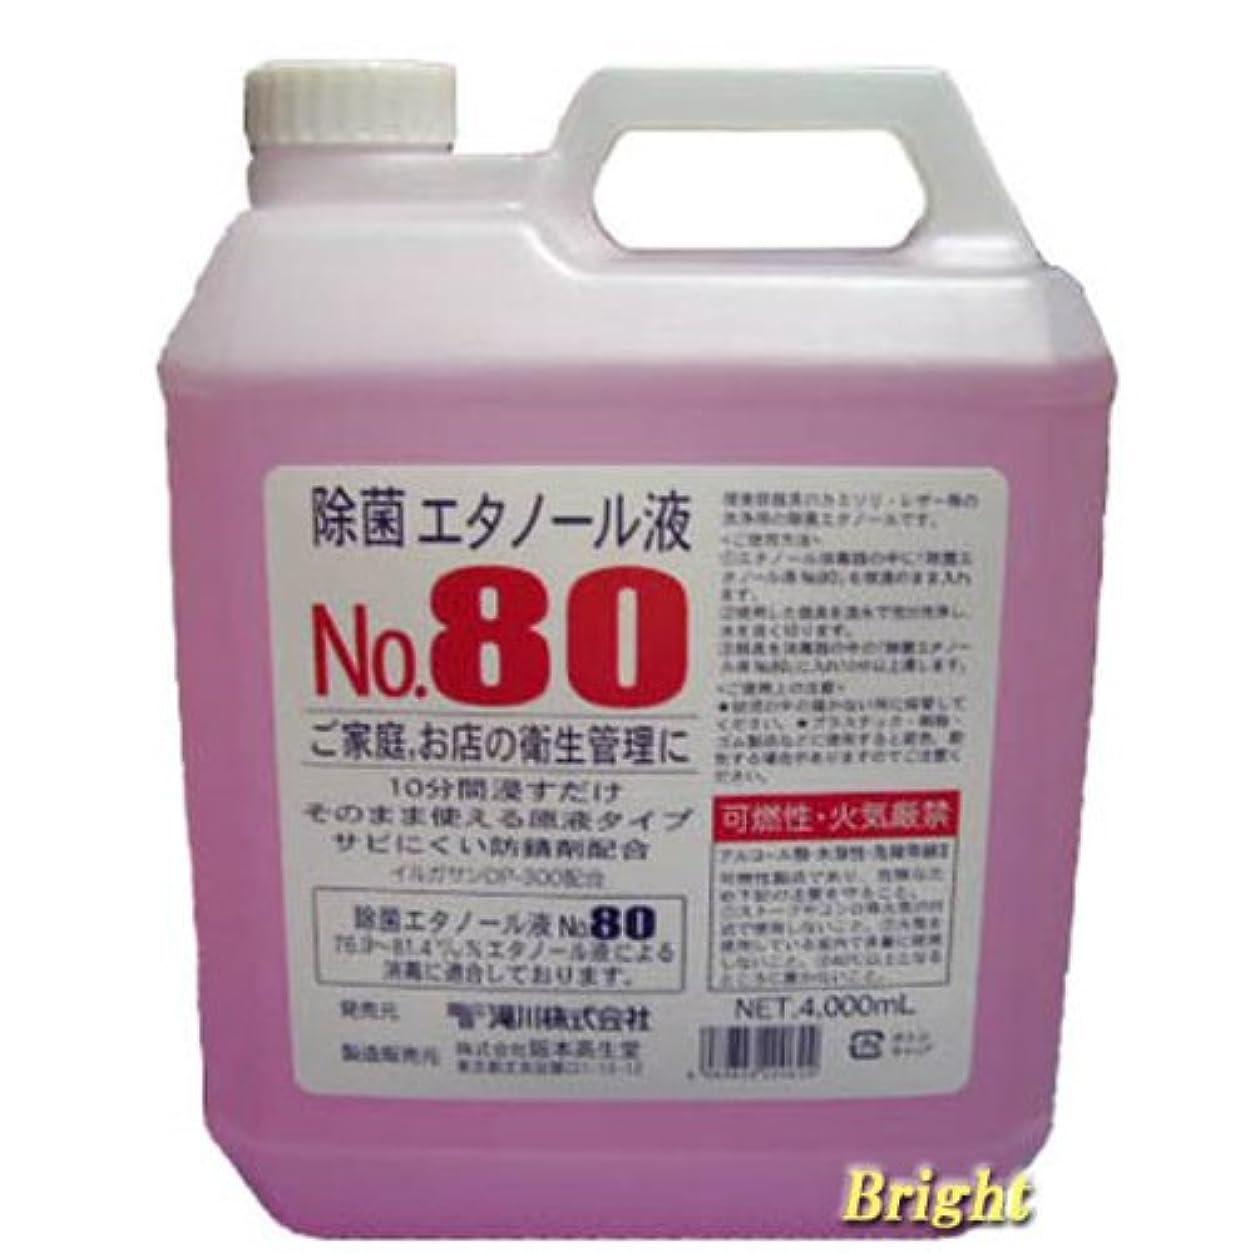 言語学ポンペイ高度な除菌エタノール液NO.80 4000ml